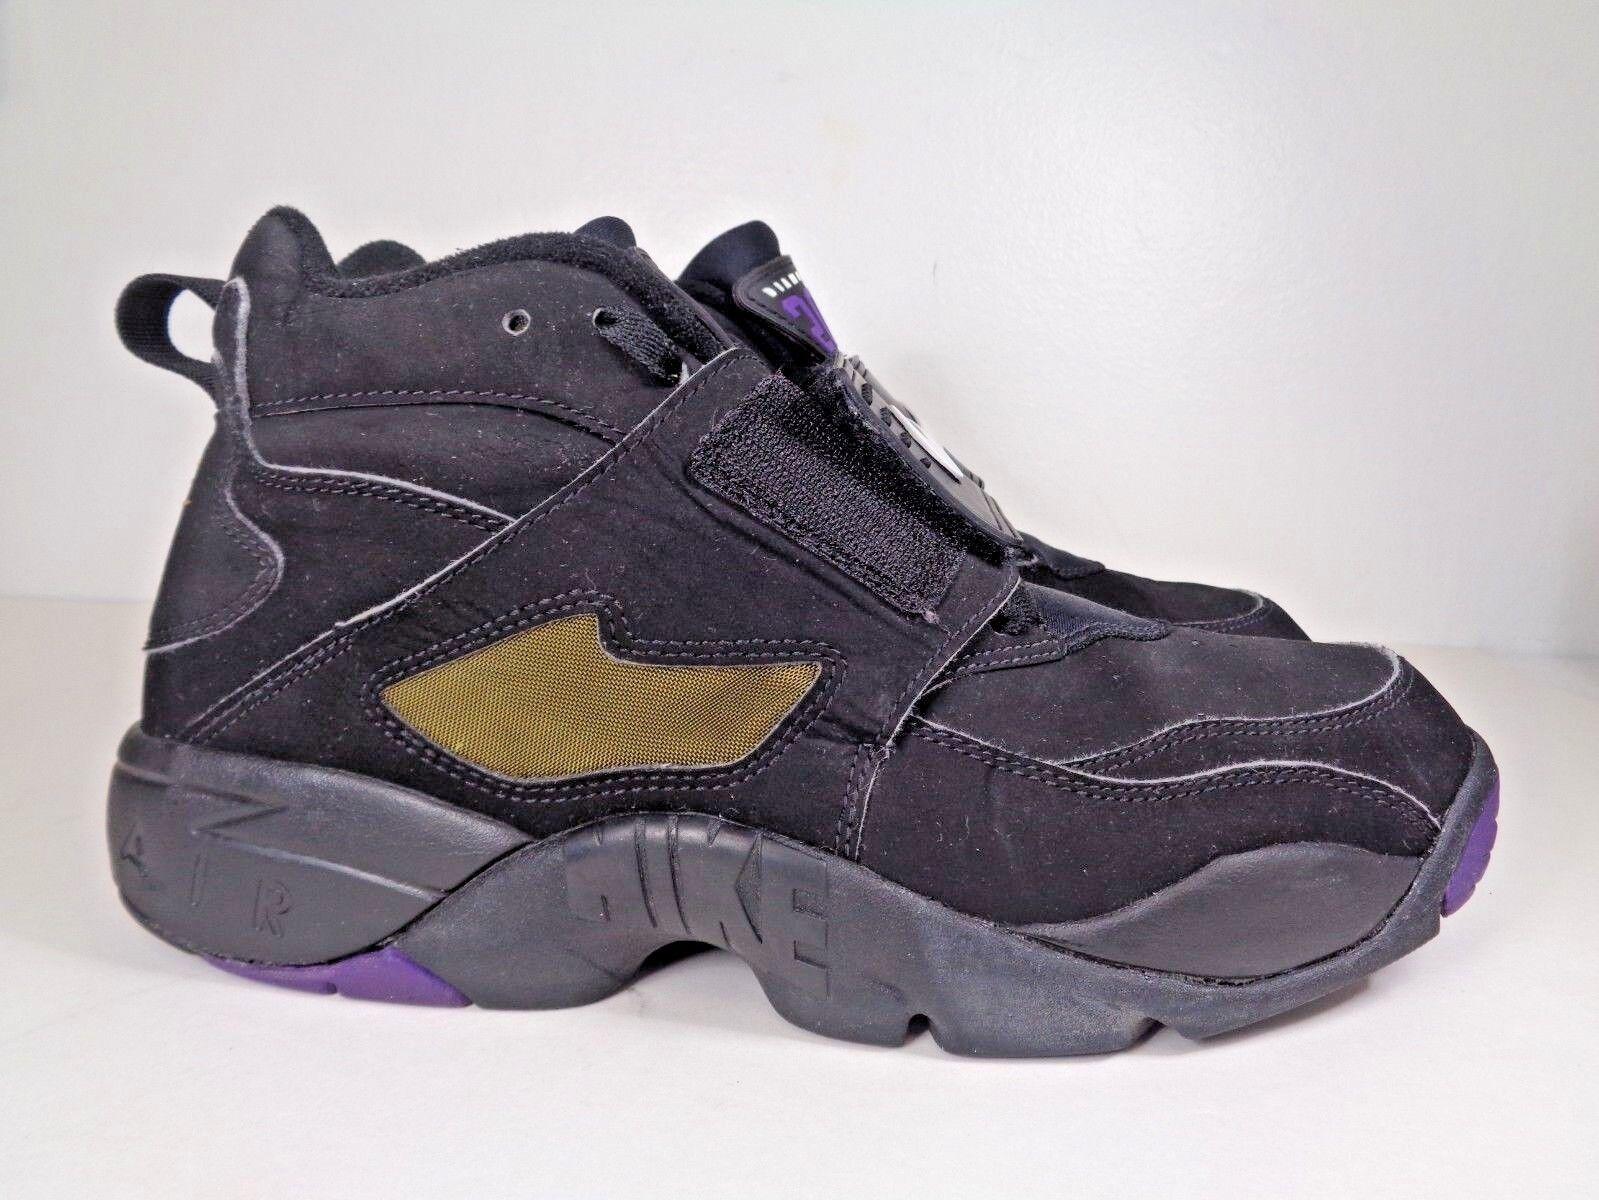 Uomo nike air diamond territorio, allenatore di basket scarpe taglia 9 noi 316408-003 2010